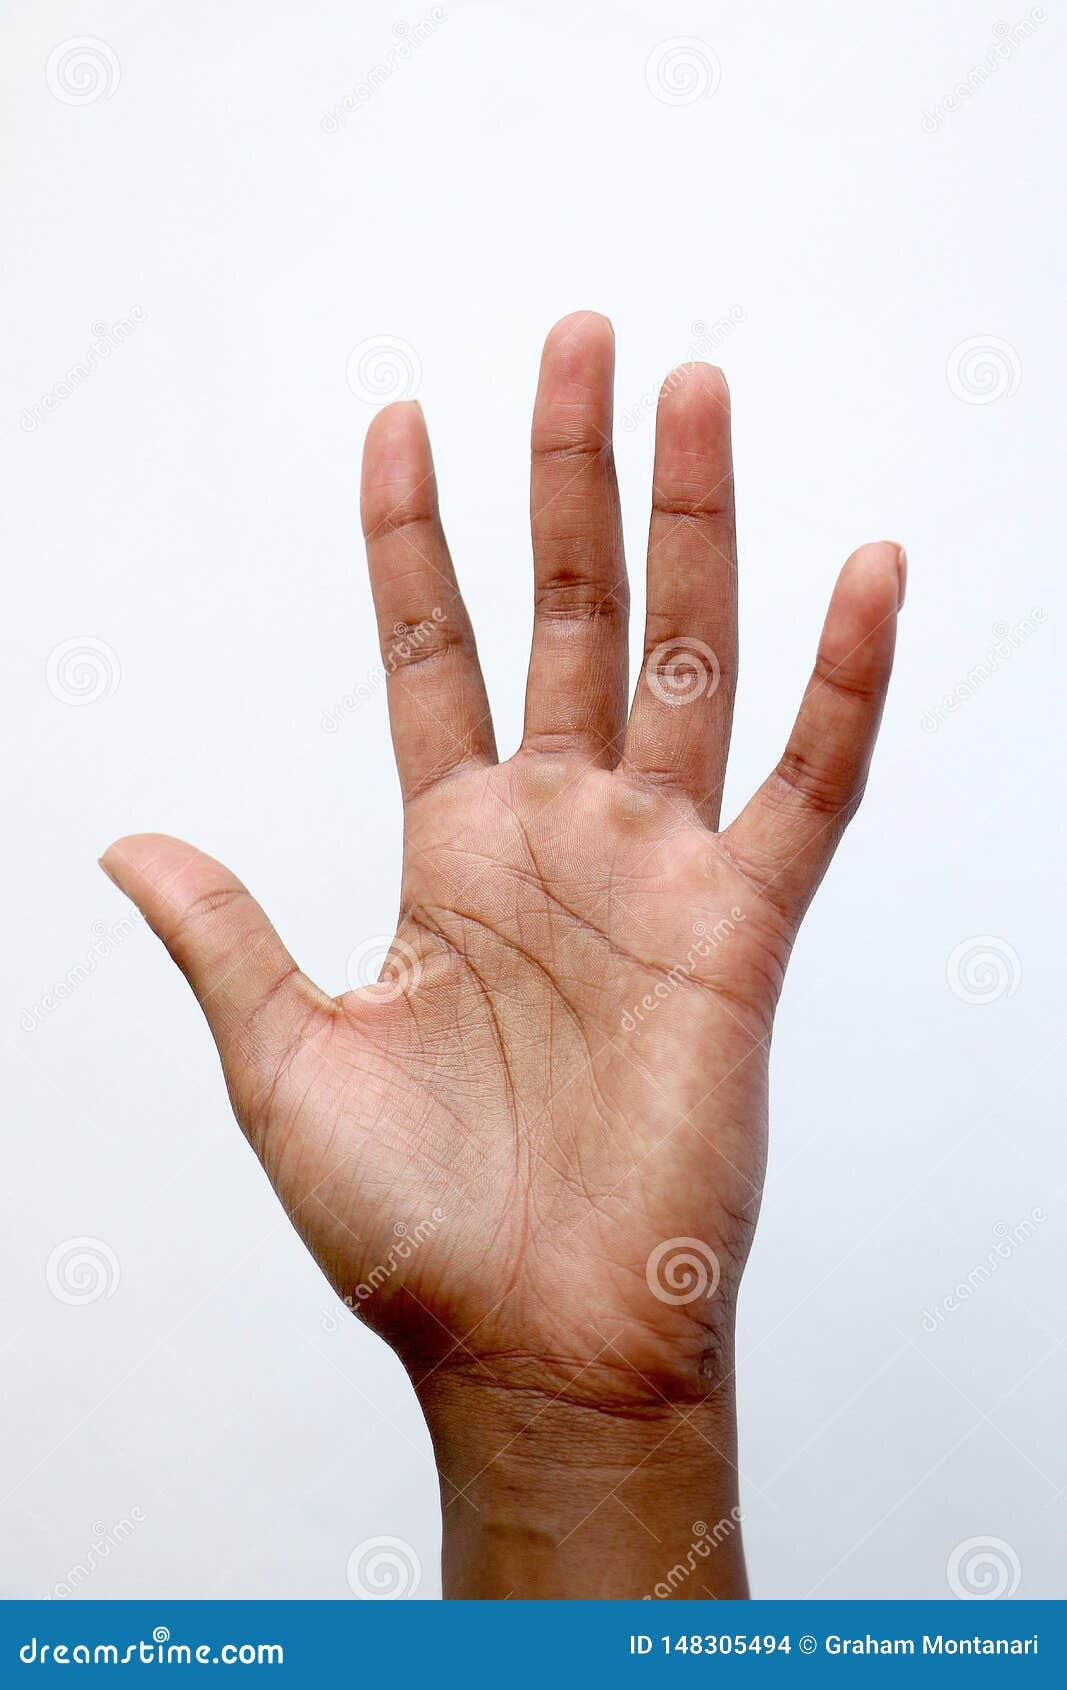 Показ 5 руки черного африканца индийский, ладонь руки